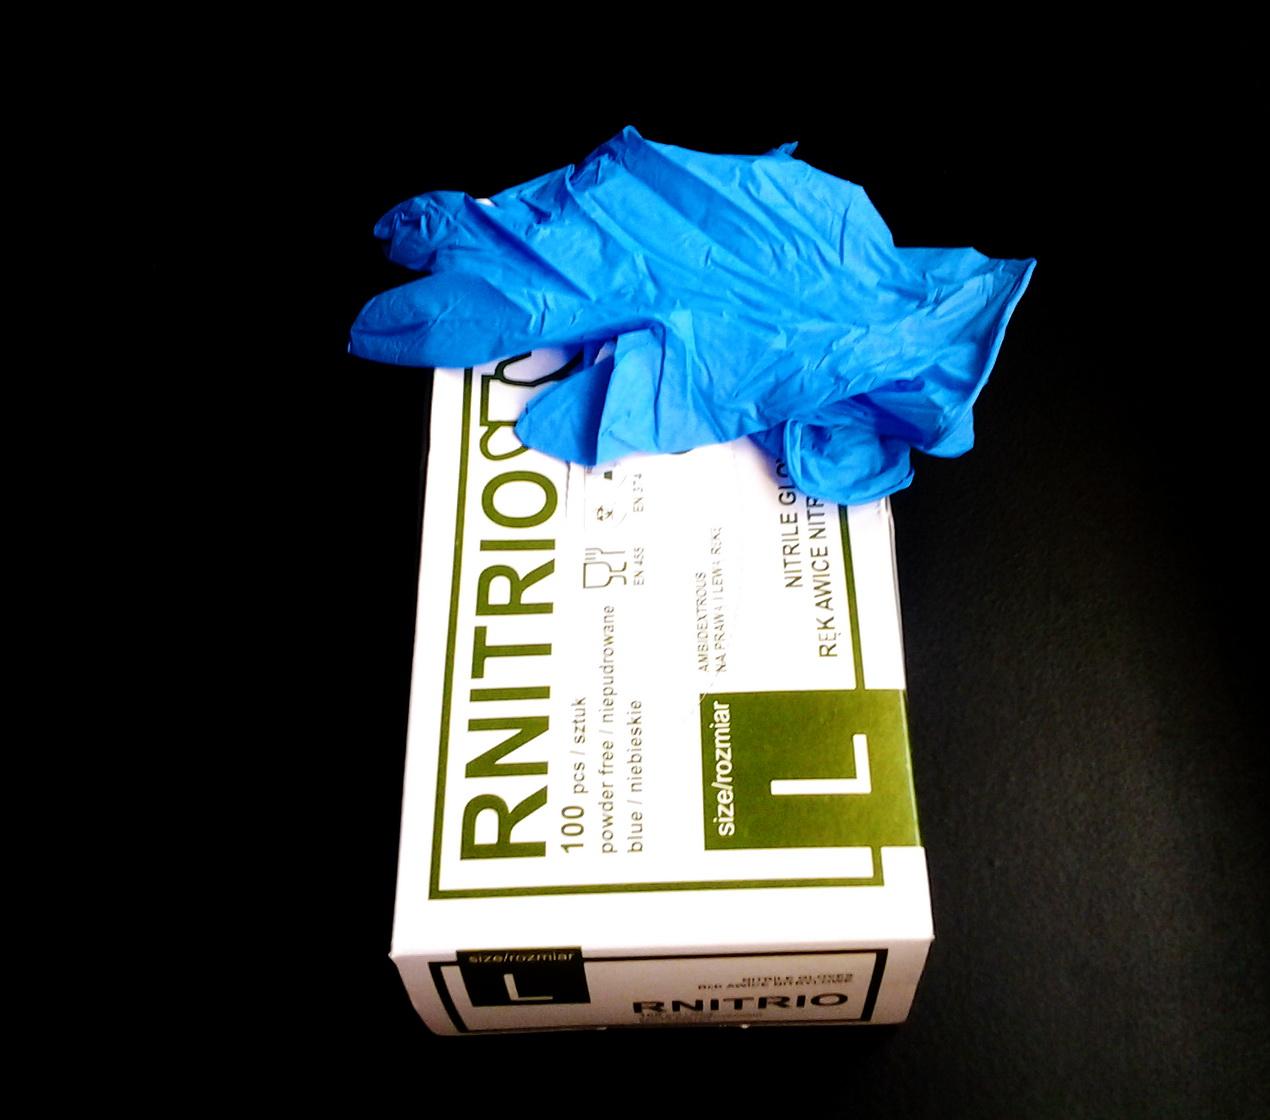 Медицина Rnitrio